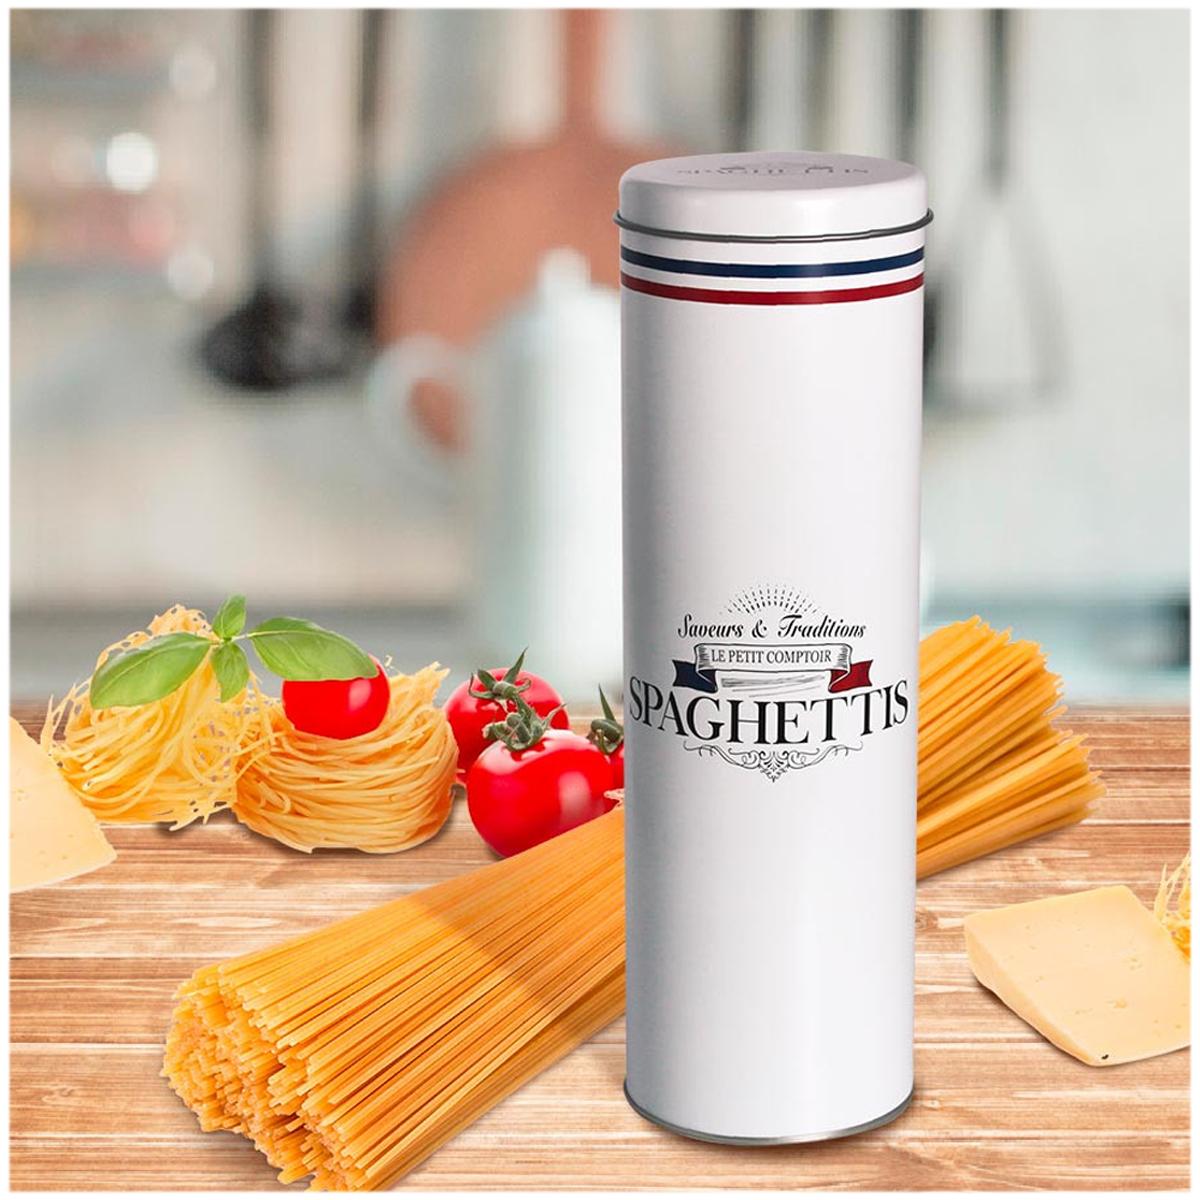 Boite à spaghettis métal \'Le Petit Comptoir\' blanc (saveurs et traditions) - 300x85 mm - [A3028]